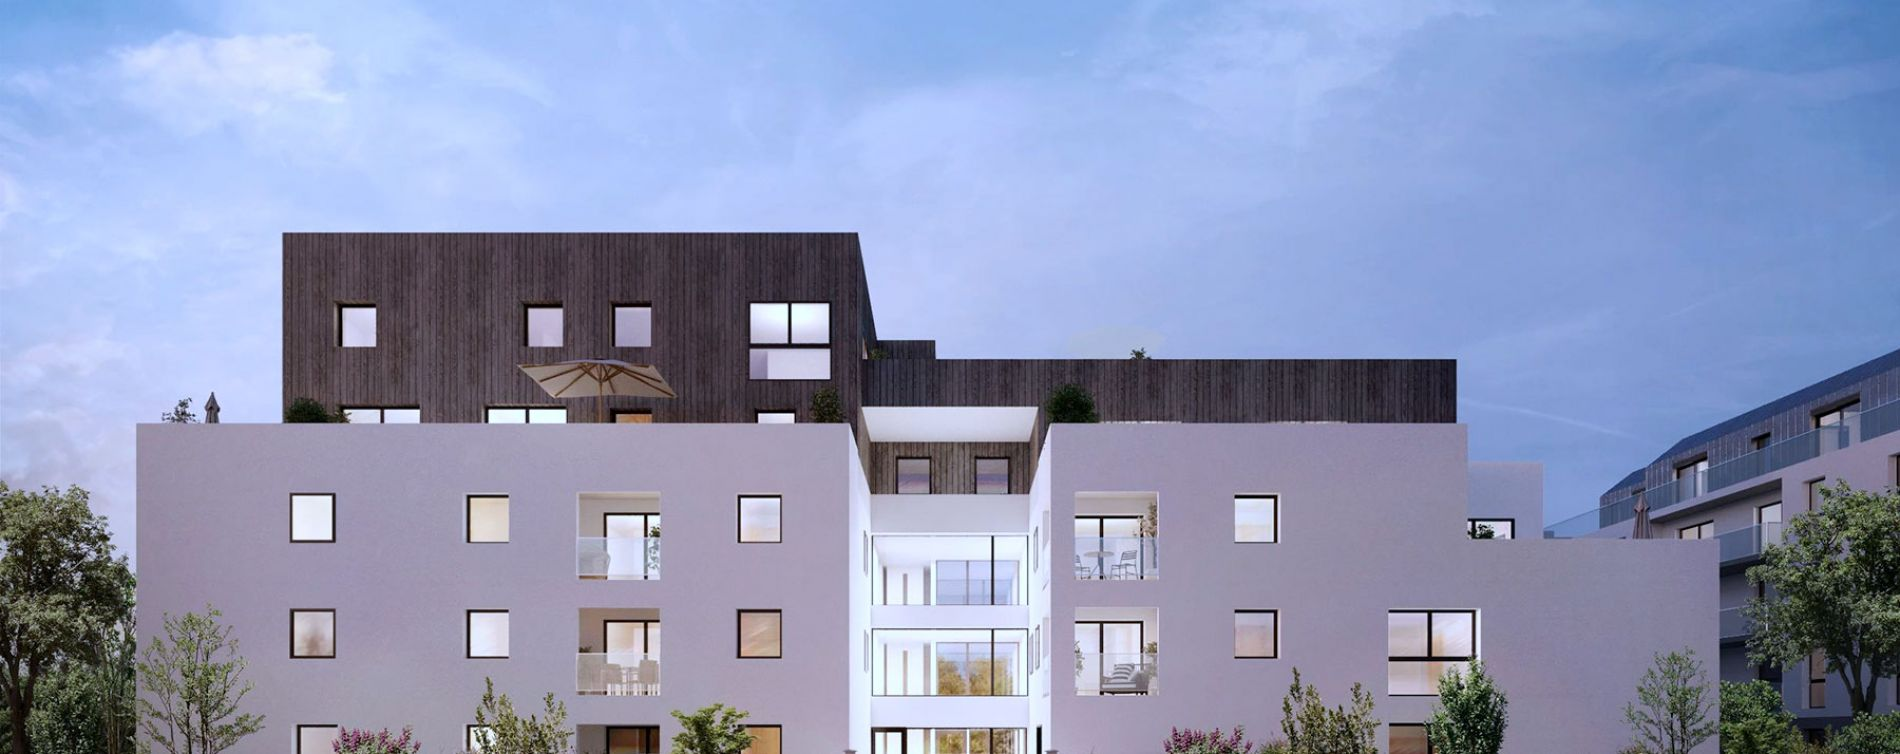 Résidence Terrasses d'Estelle à Ville-la-Grand